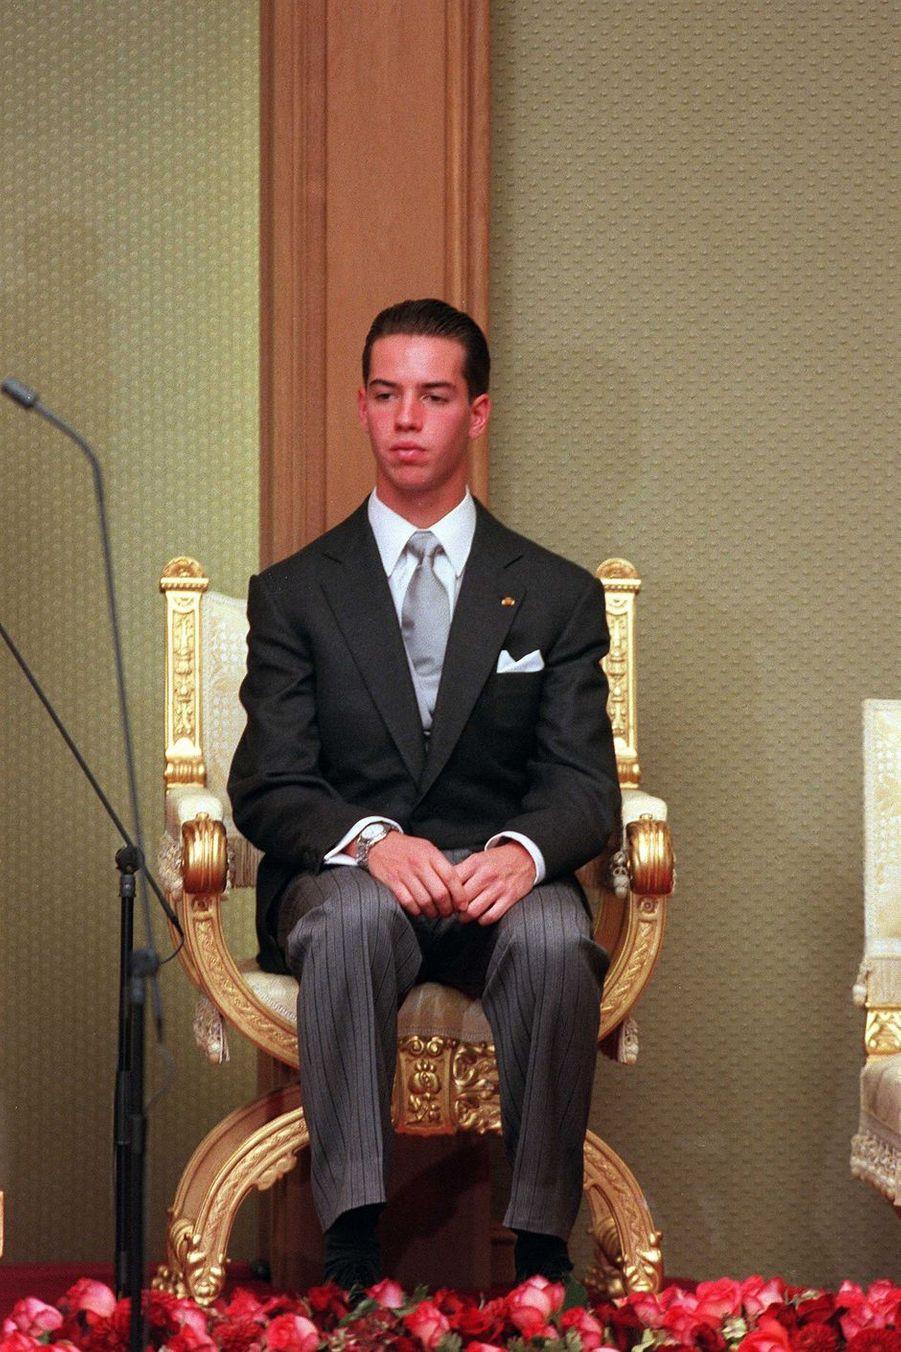 La prince héritier Guillaume de Luxembourg, le 7 octobre 2000